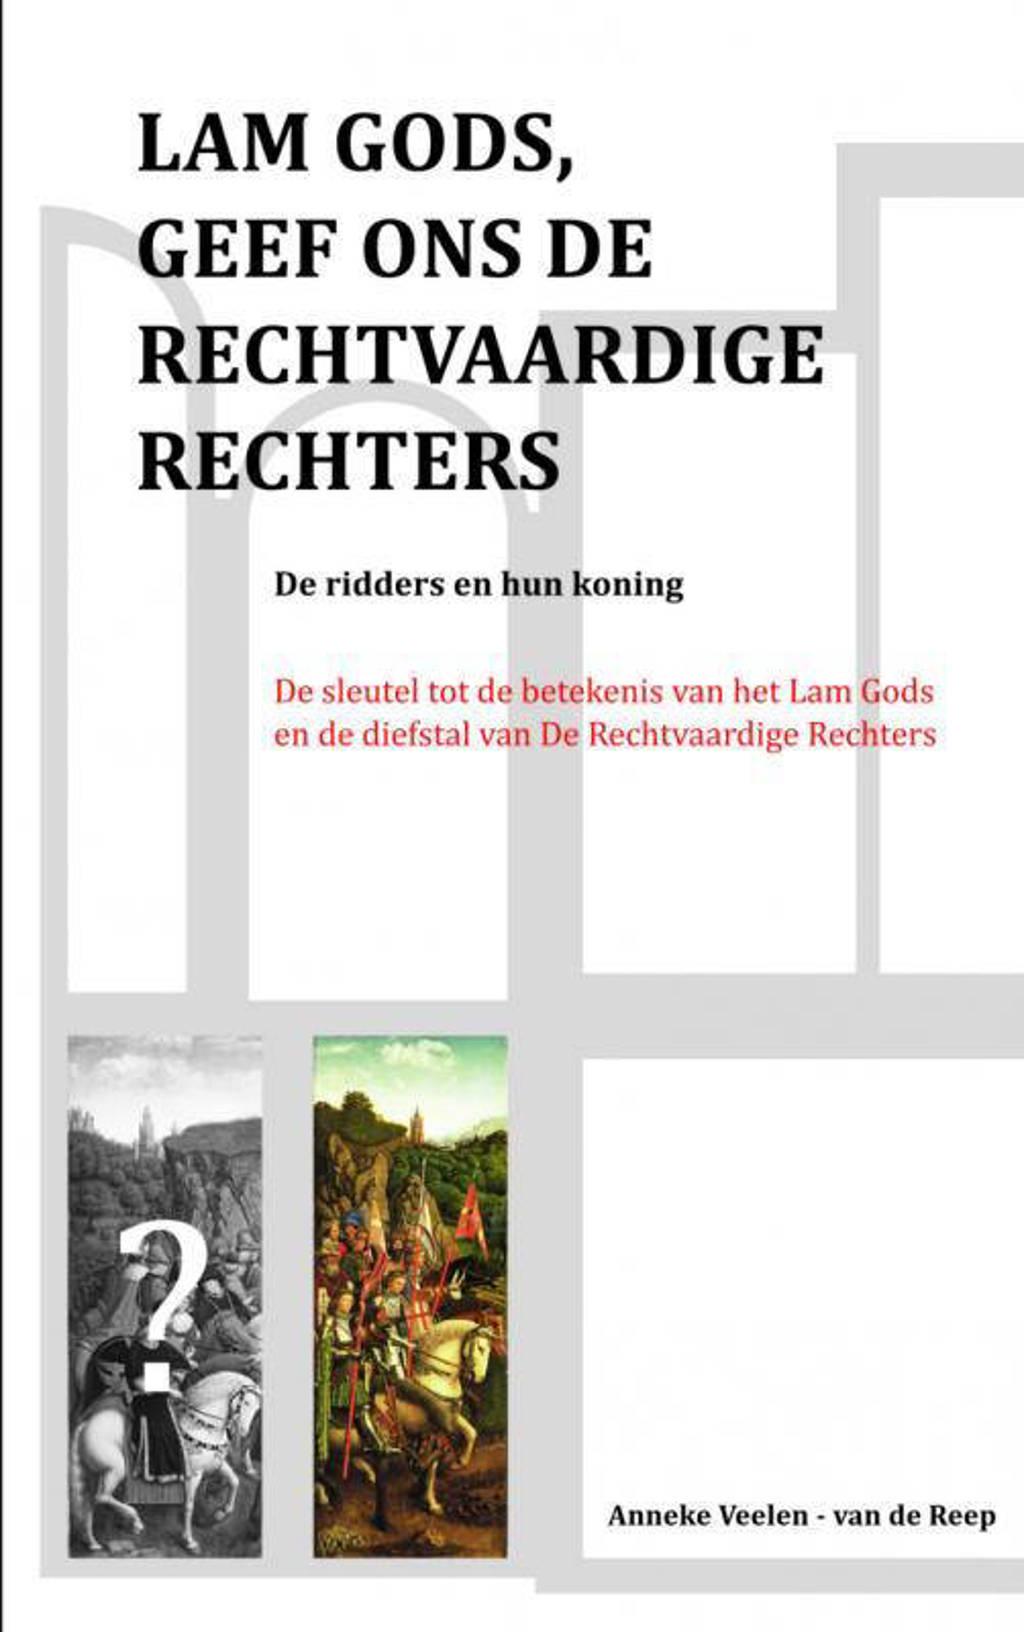 Lam Gods, geef ons de Rechtvaardige Rechters - Anneke Veelen-van de Reep